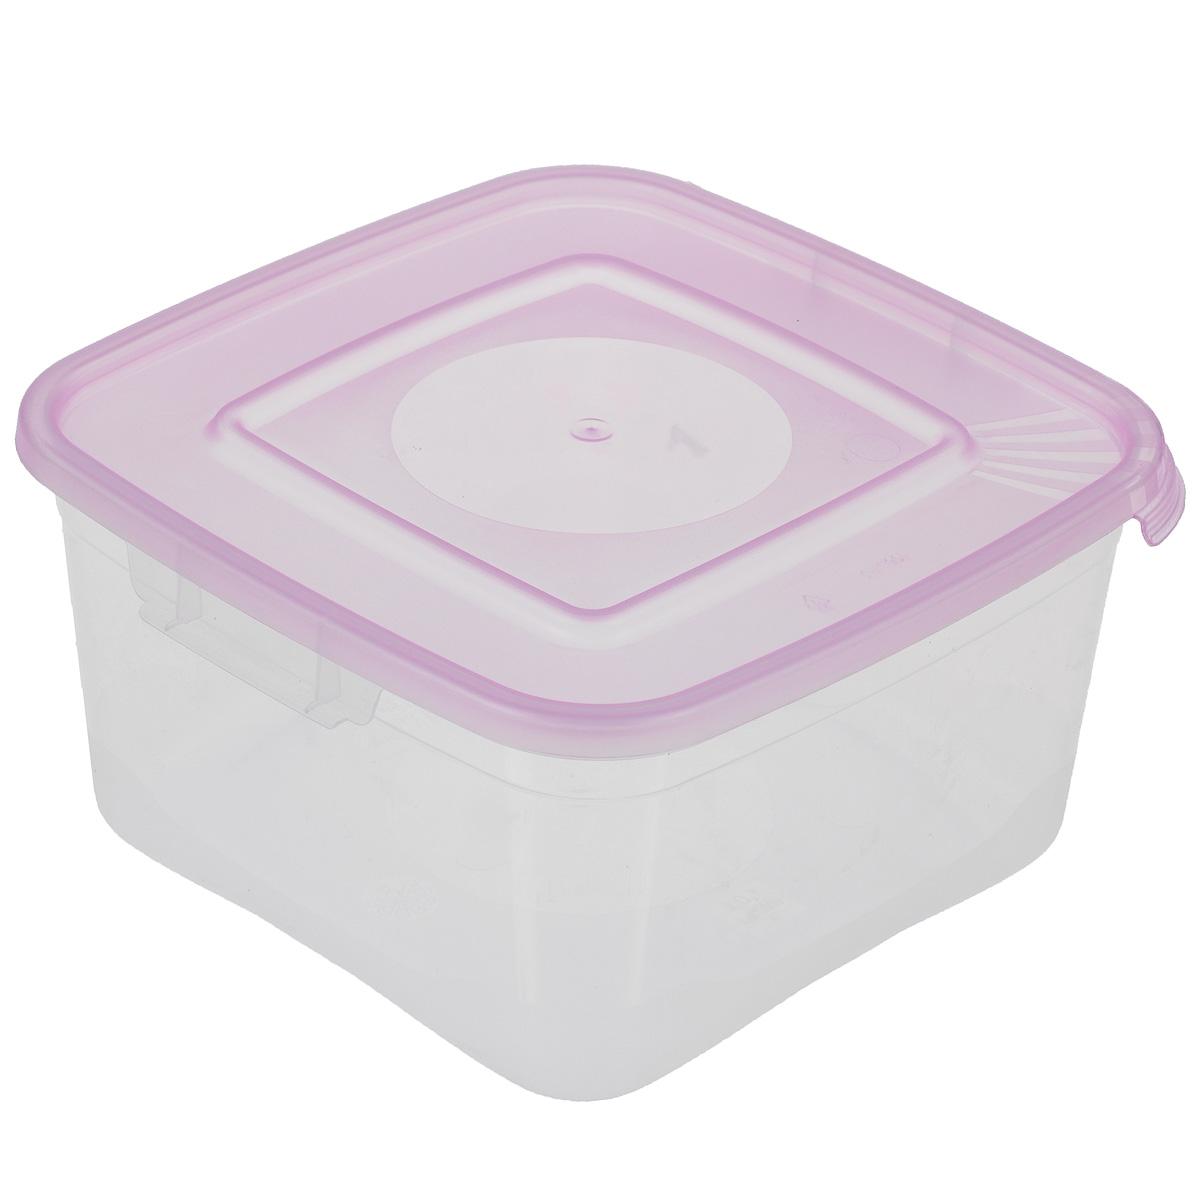 Контейнер Полимербыт Каскад, цвет: прозрачный, сиреневый, 1 лС670Контейнер Полимербыт Каскад квадратной формы, изготовленный из прочного пластика, предназначен специально для хранения пищевых продуктов. Крышка легко открывается и плотно закрывается. Контейнер устойчив к воздействию масел и жиров, легко моется. Прозрачные стенки позволяют видеть содержимое. Контейнер имеет возможность хранения продуктов глубокой заморозки, обладает высокой прочностью. Можно мыть в посудомоечной машине. Подходит для использования в микроволновых печах.